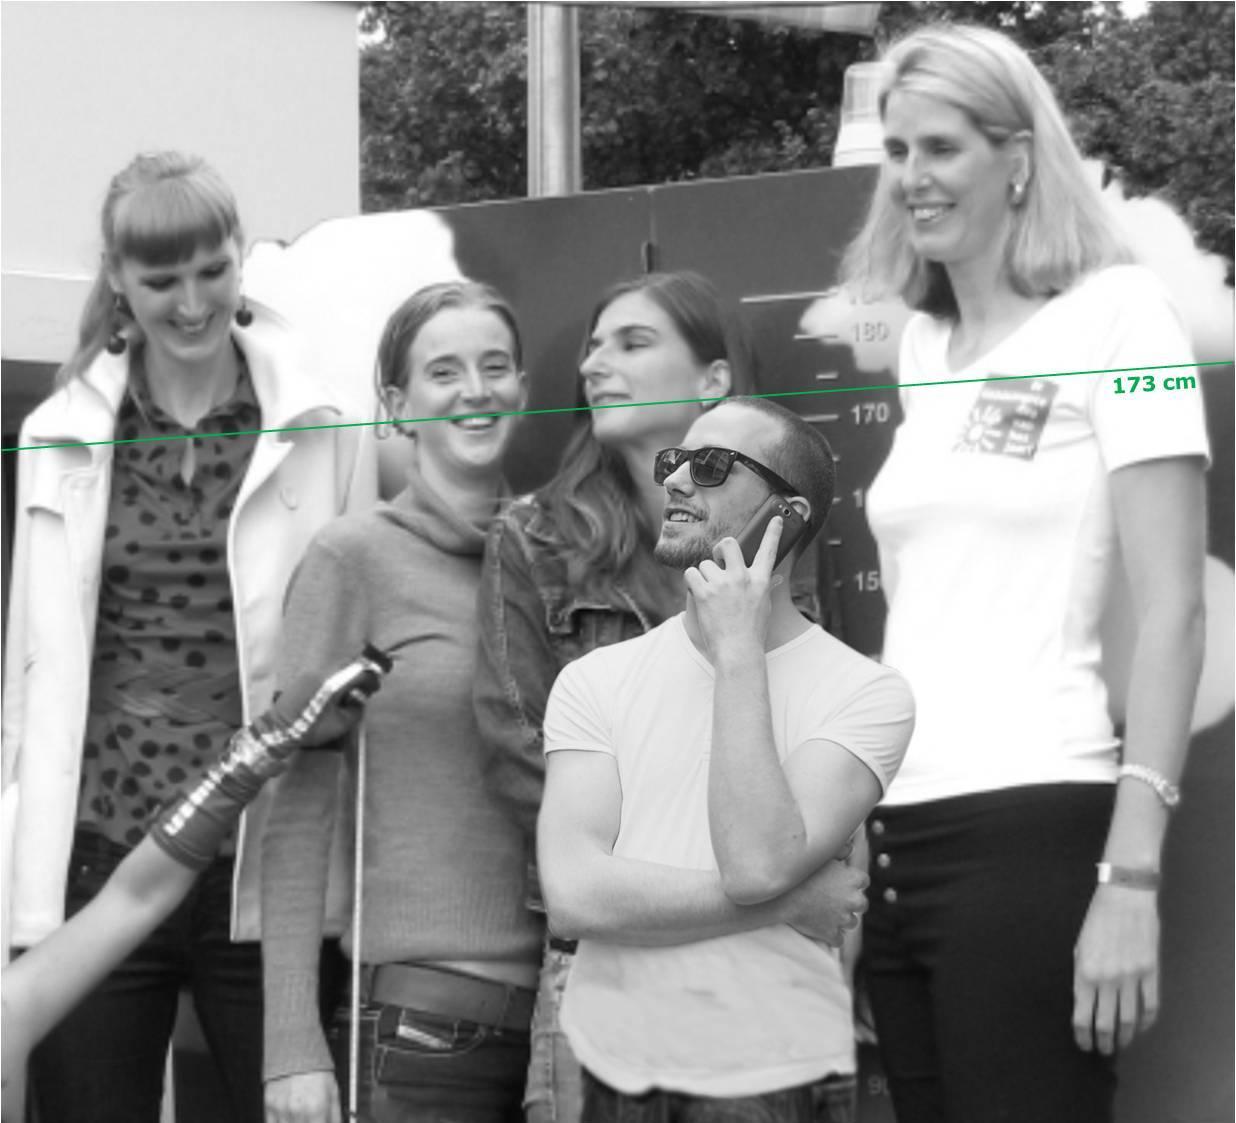 When 185 cm is short by zaratustraelsabio on DeviantArt